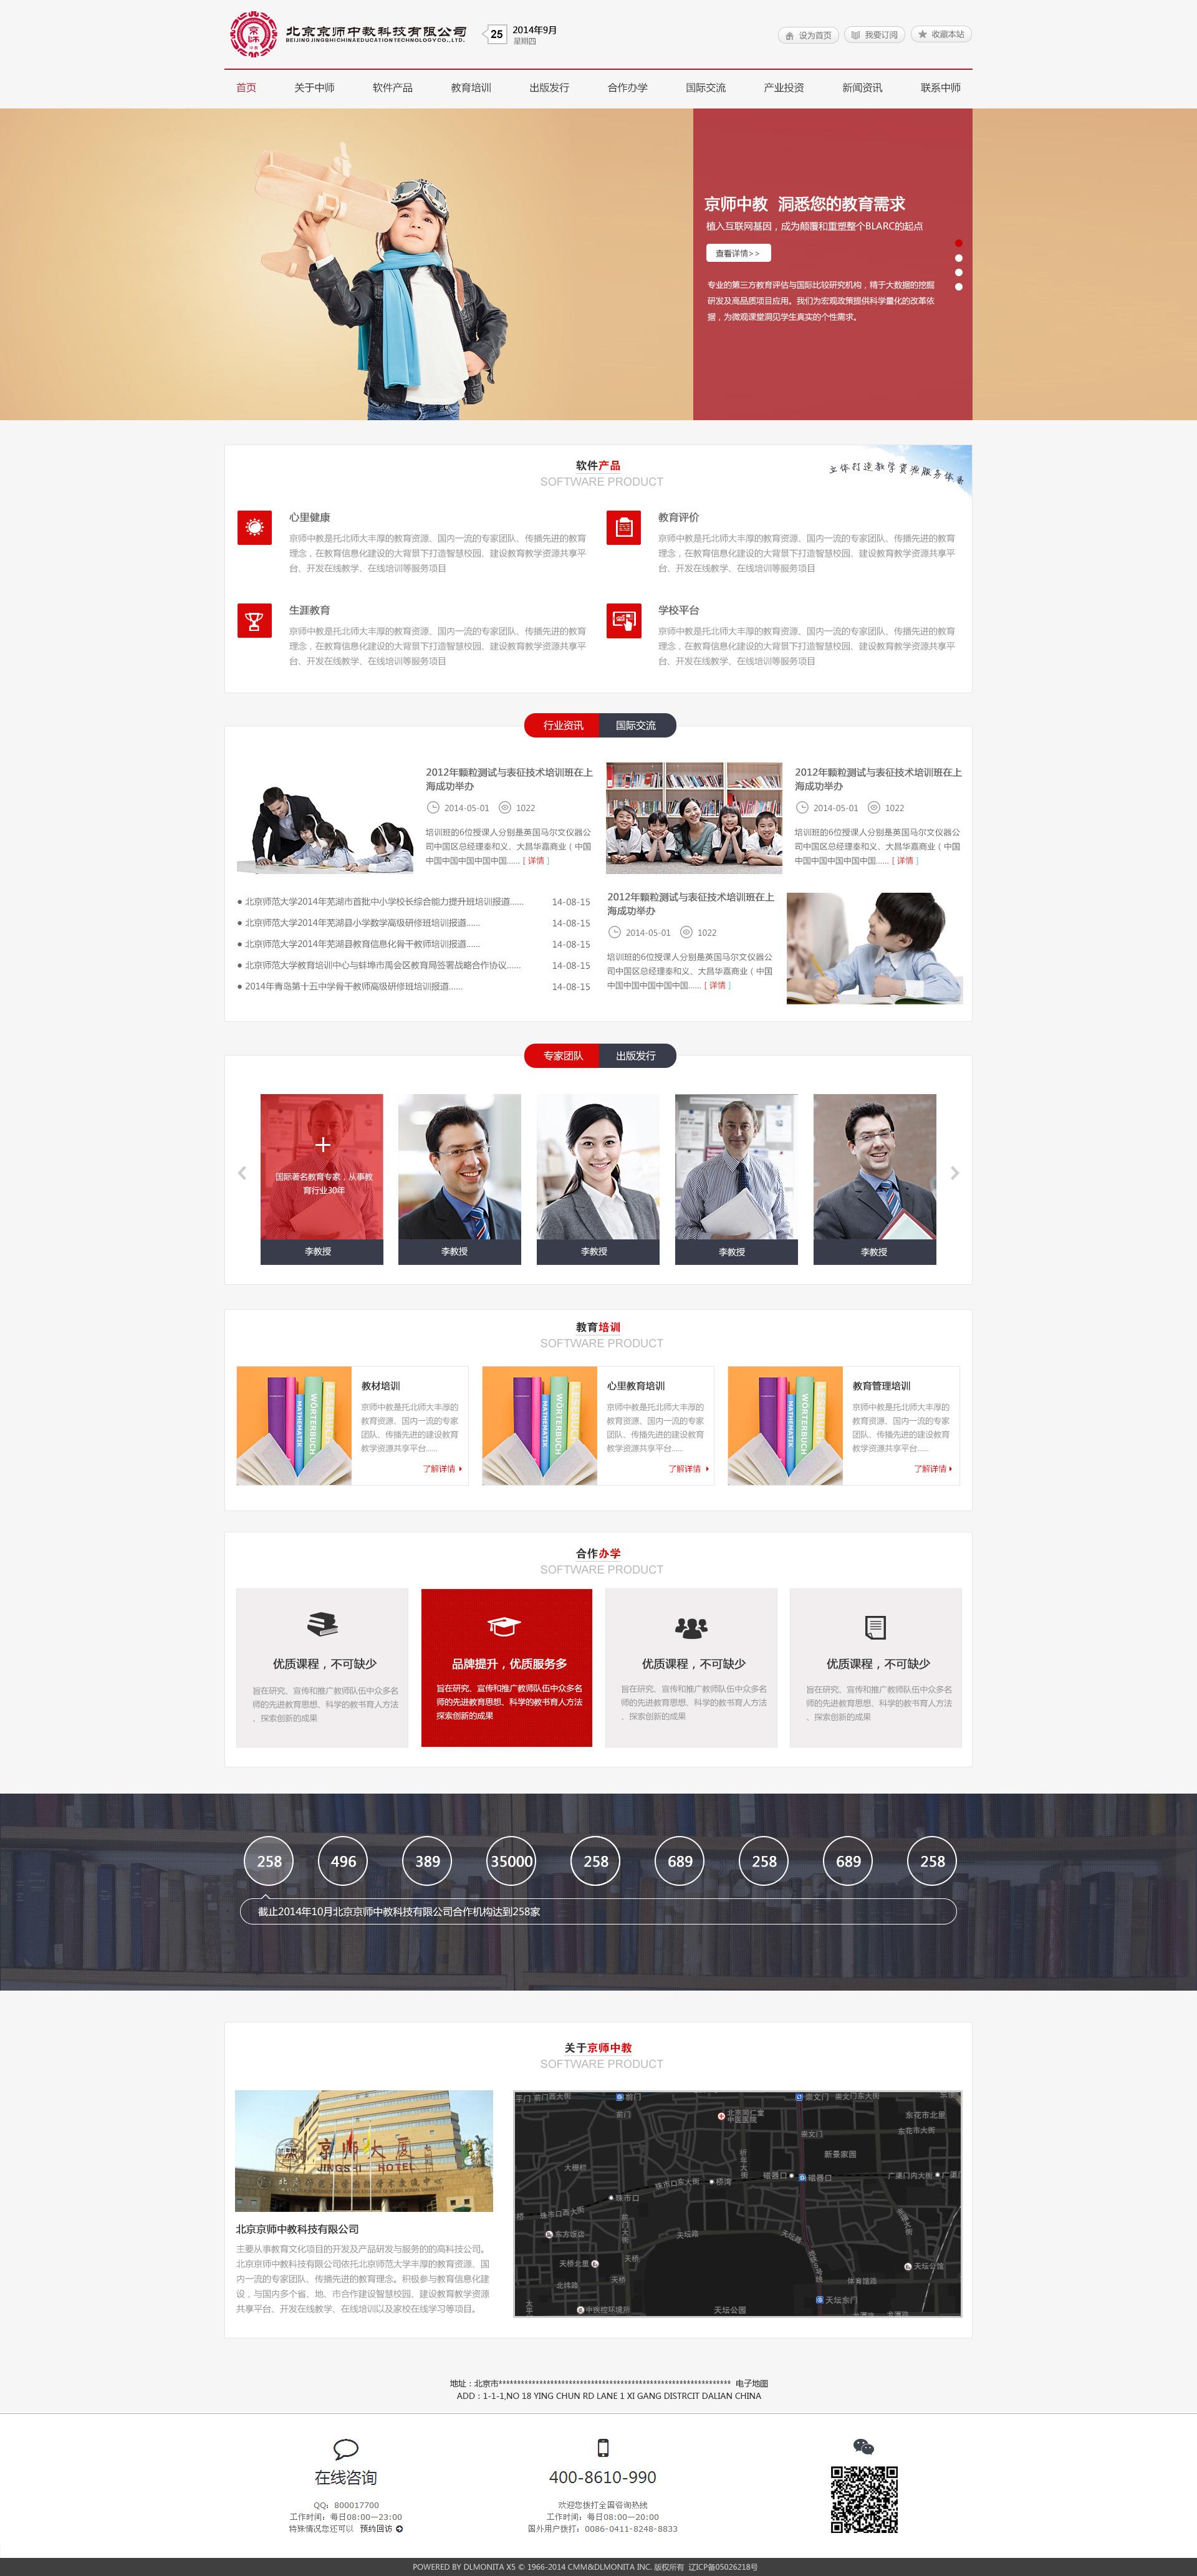 京师v京师 男孩 两个官网 天水网页-原创家里企业阳台怎么设计图图片